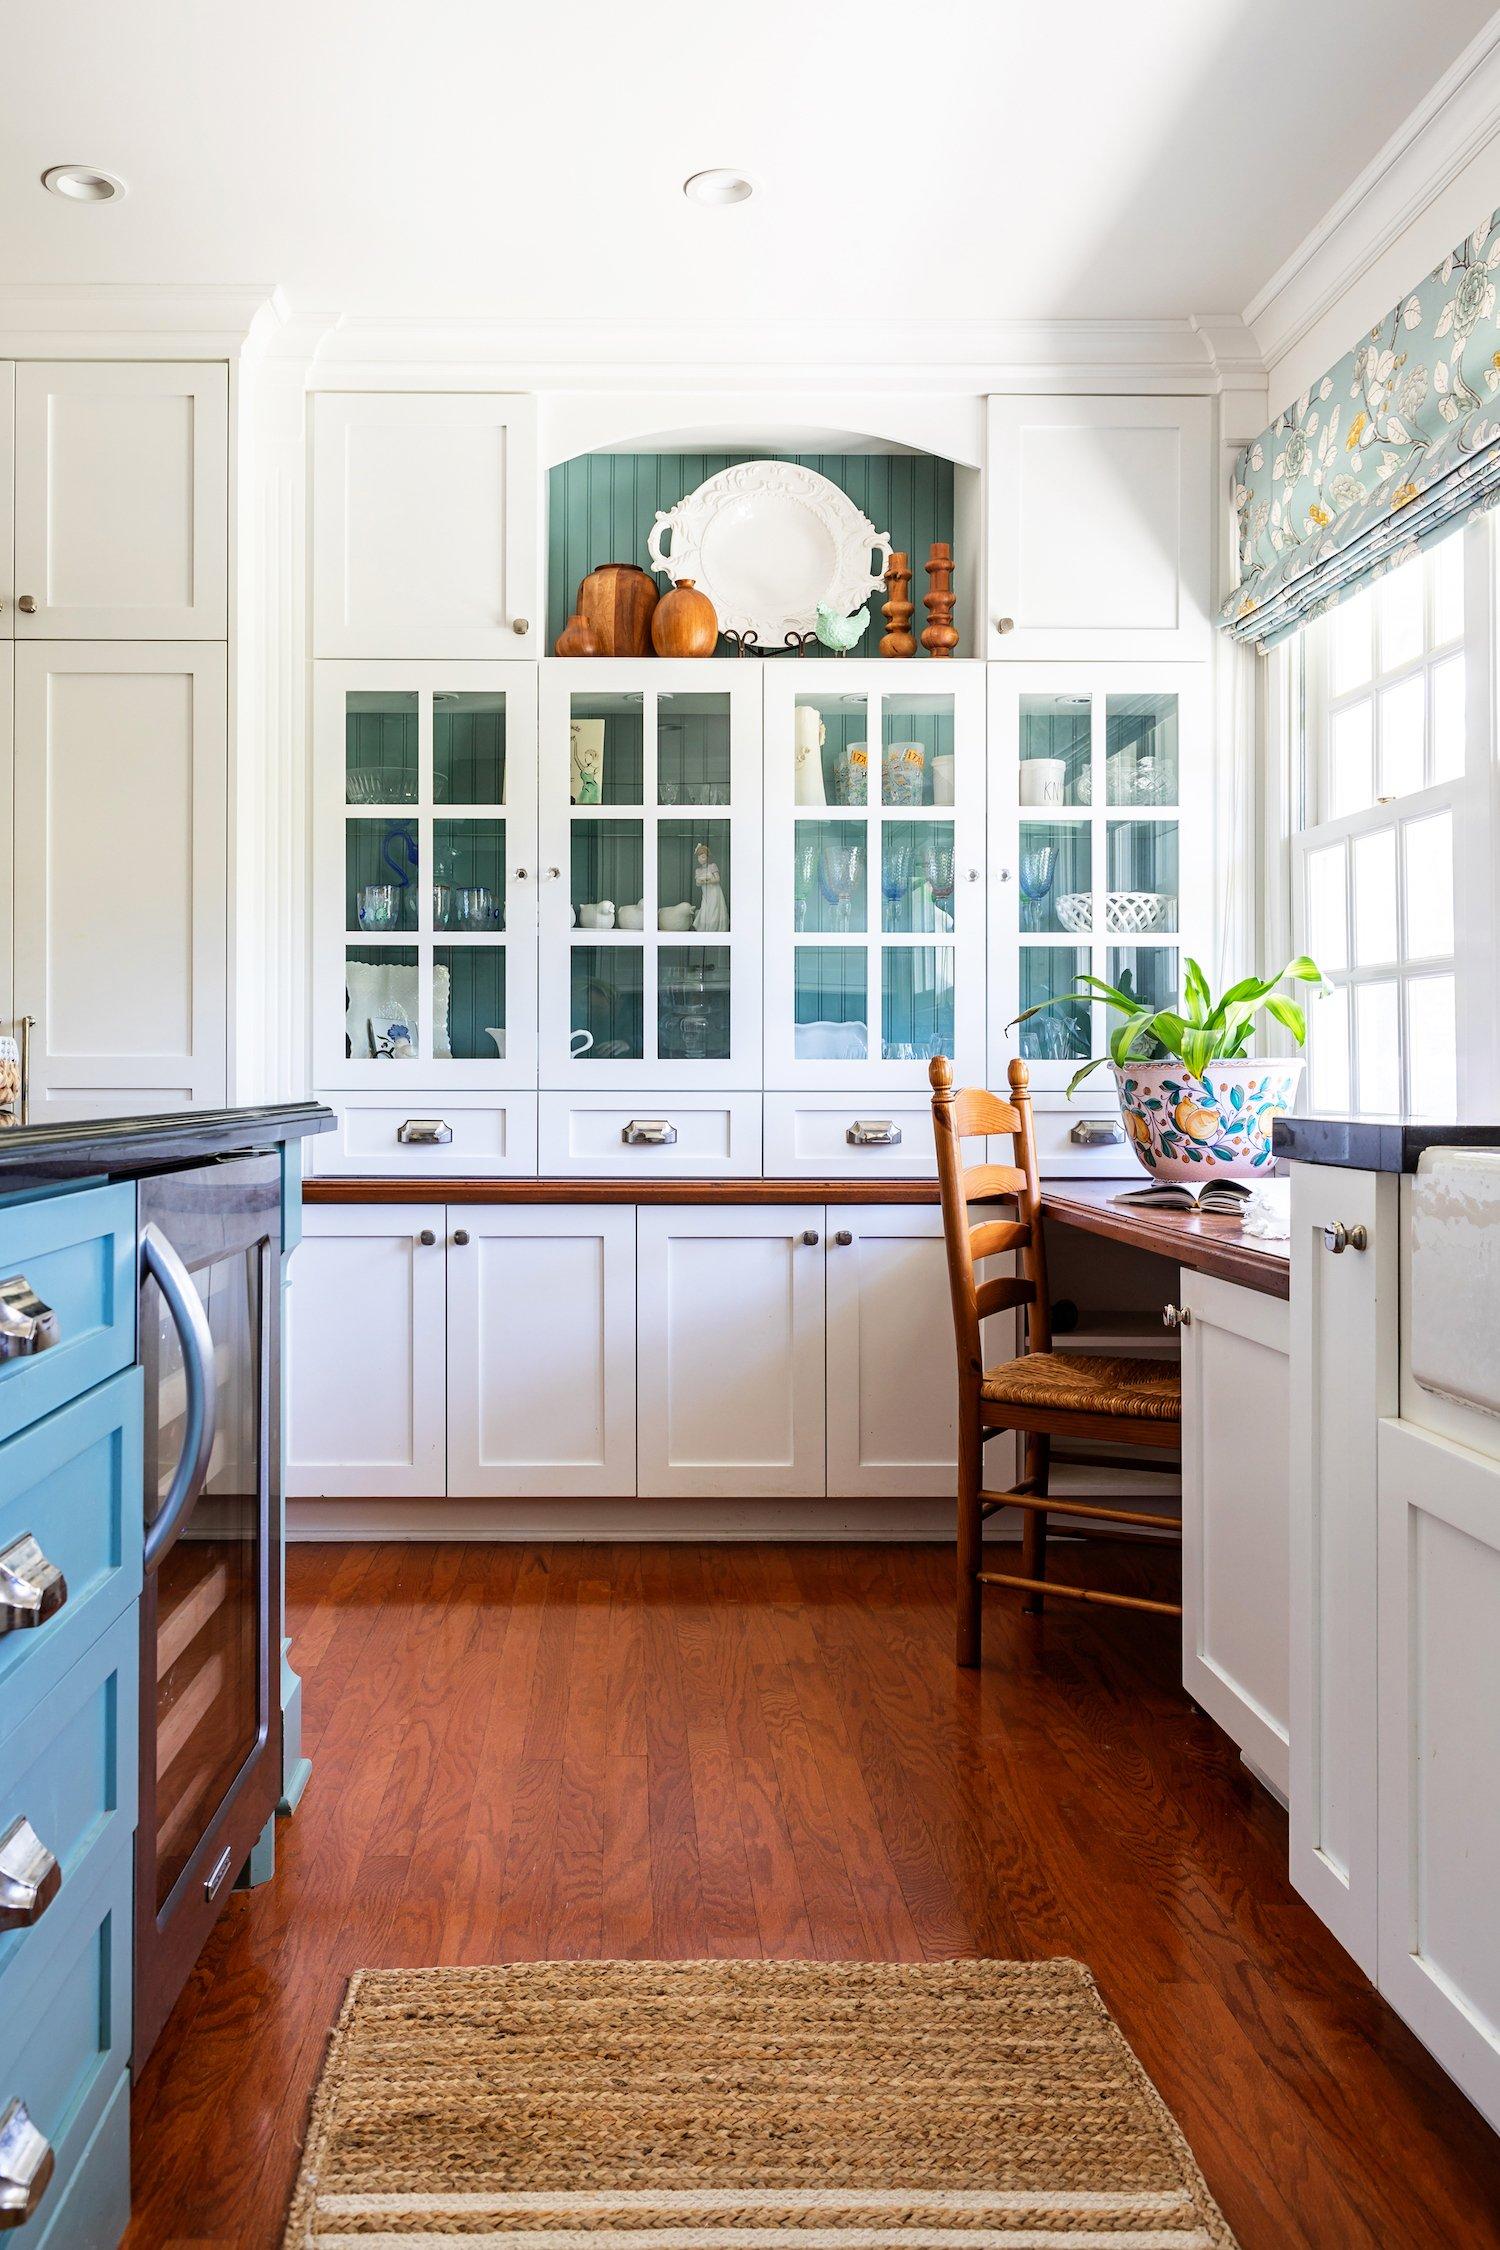 hidden hills kitchen - classic kitchen design - kitchen trends